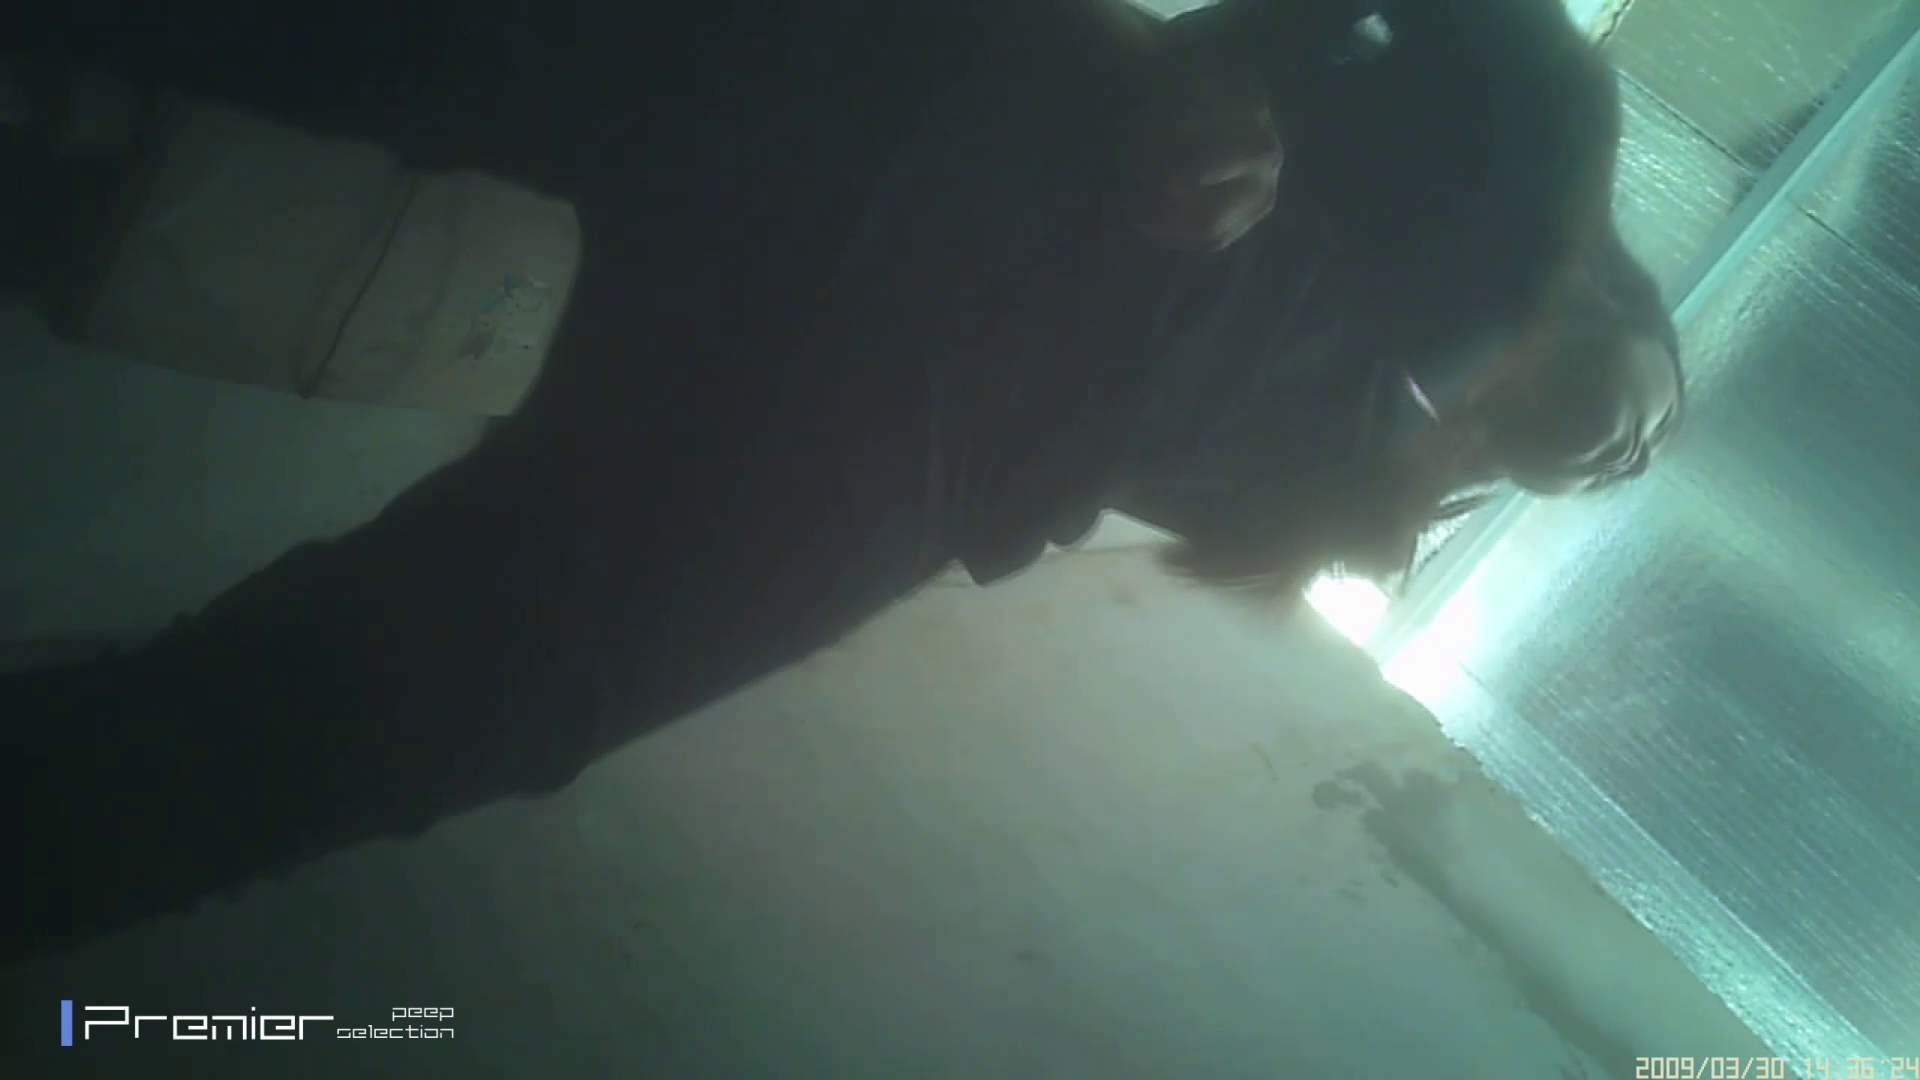 美女のパンチラ&トイレシーンを密着盗撮!! 盗撮コレクションVol.04 OLのボディ | 美女のボディ  79PIX 65